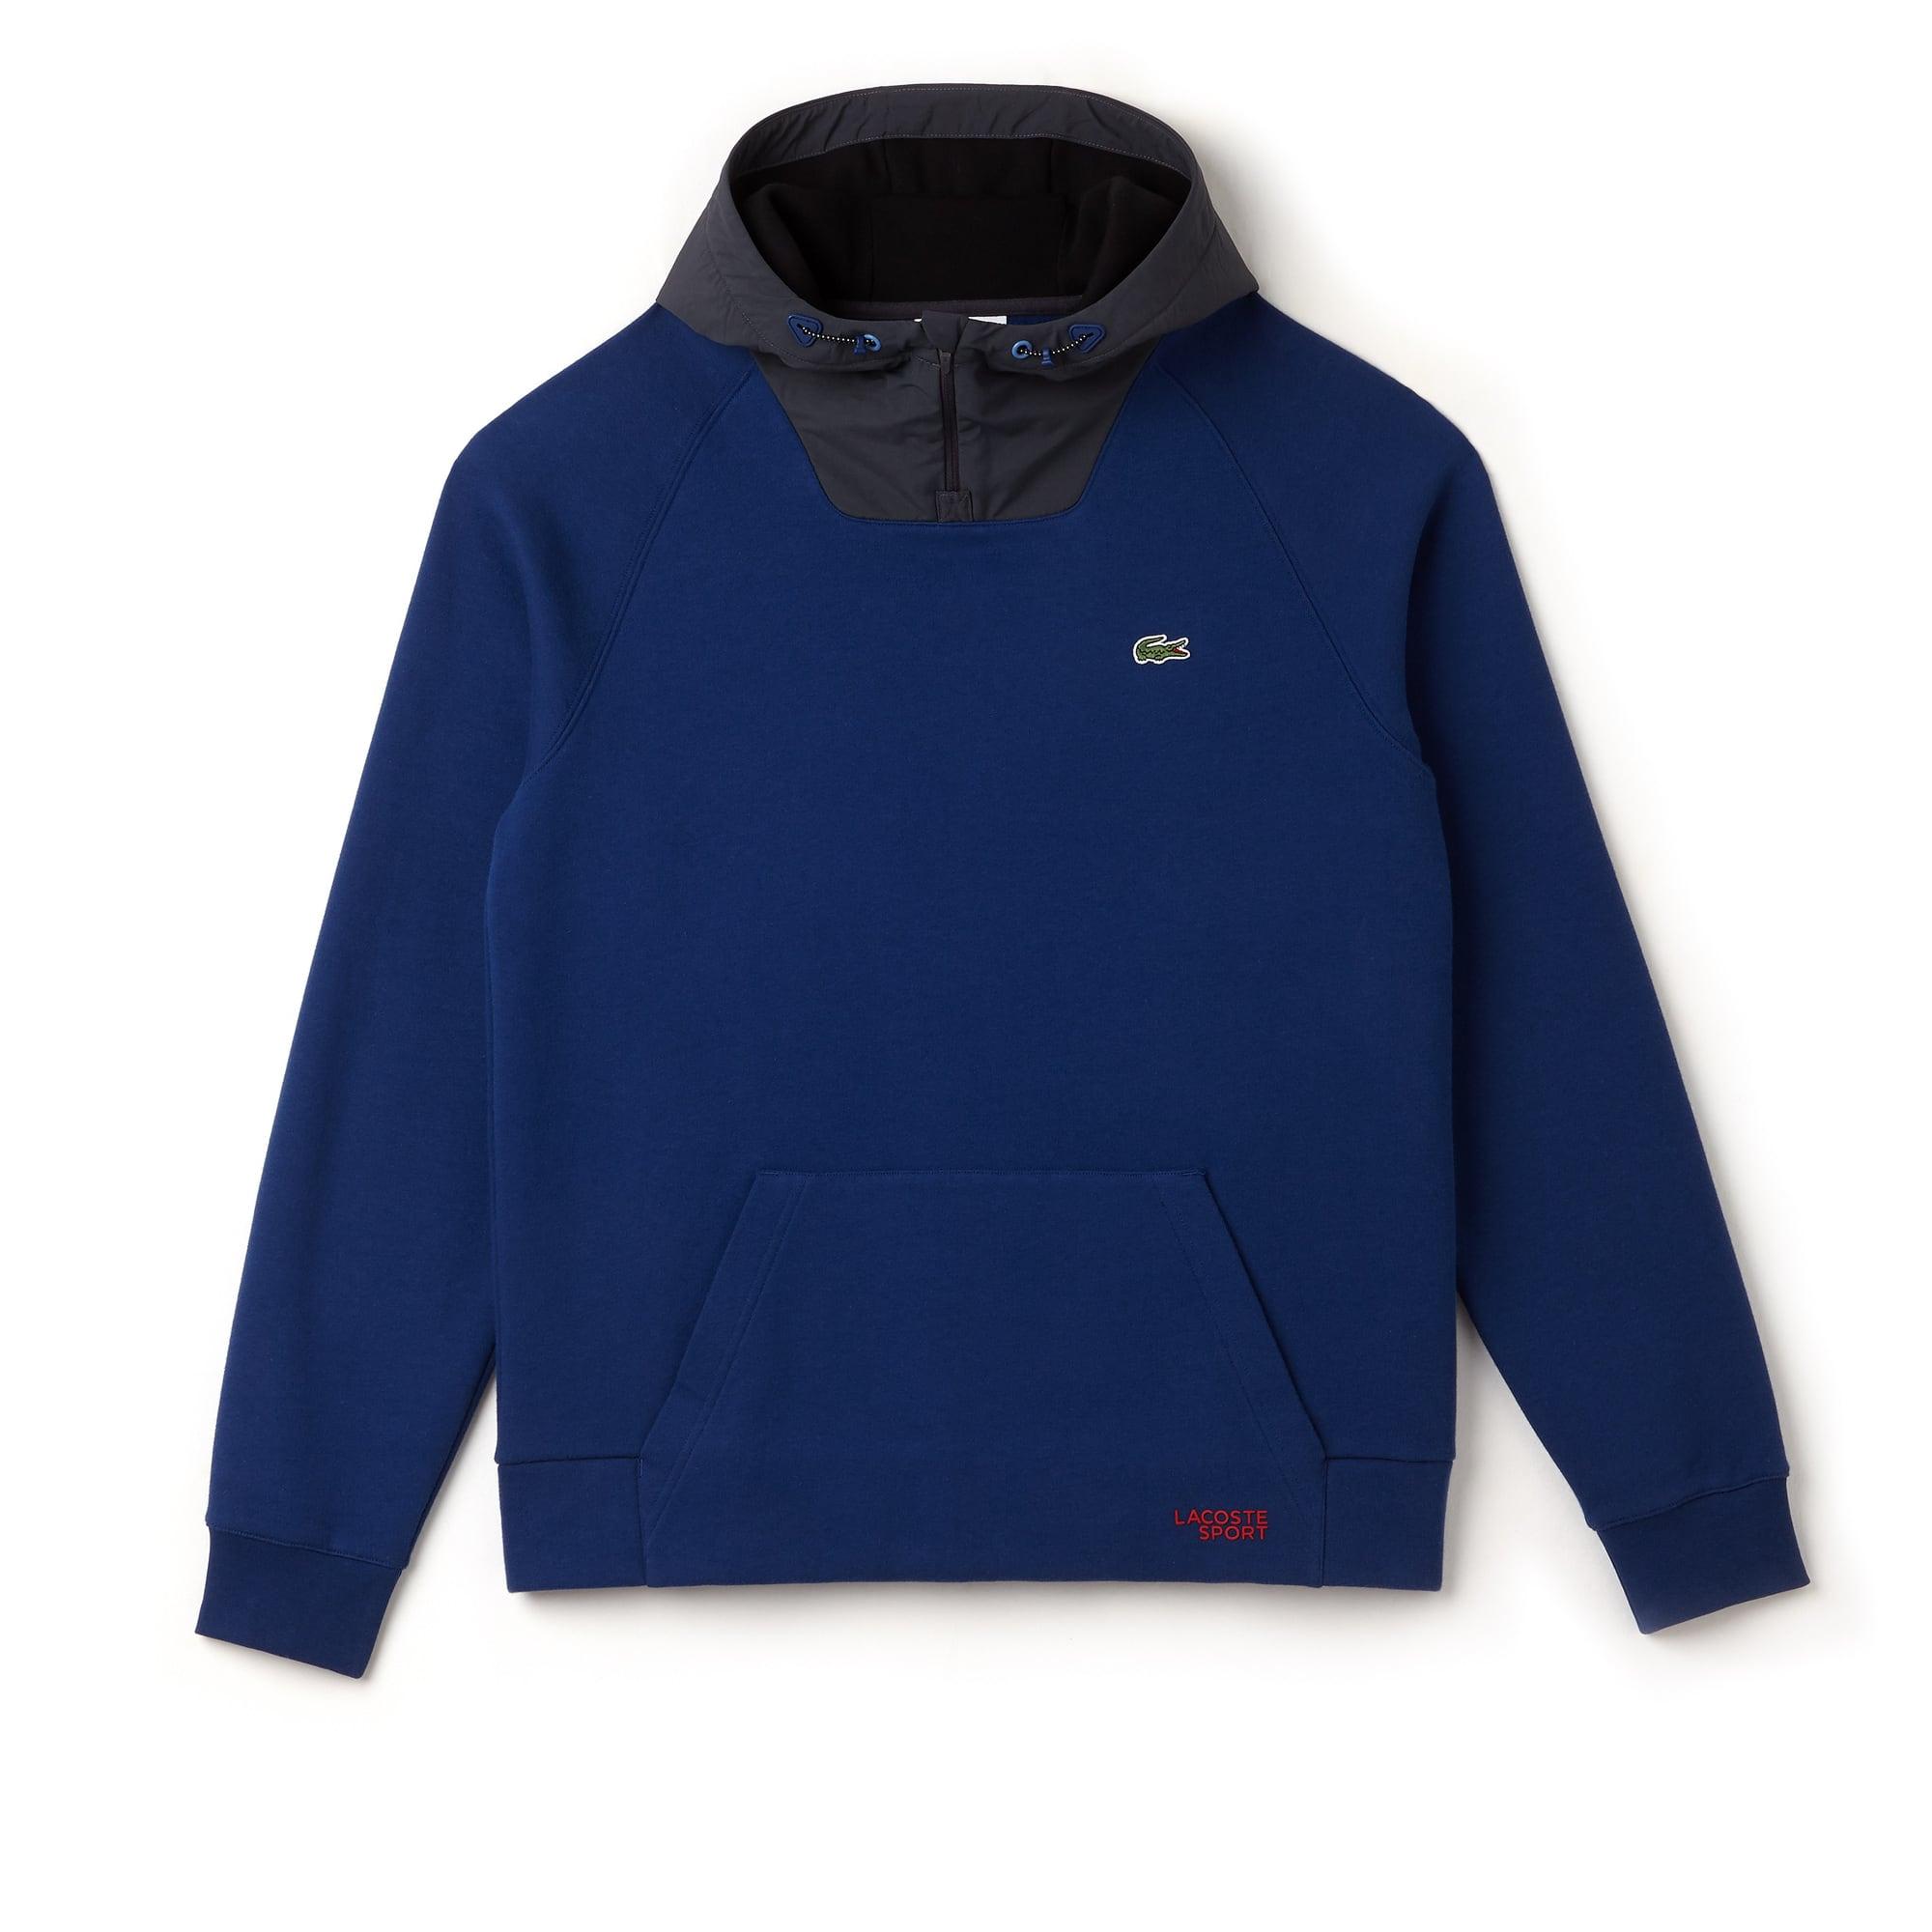 Men's Lacoste SPORT Contrast Hood Fleece Tennis Sweatshirt